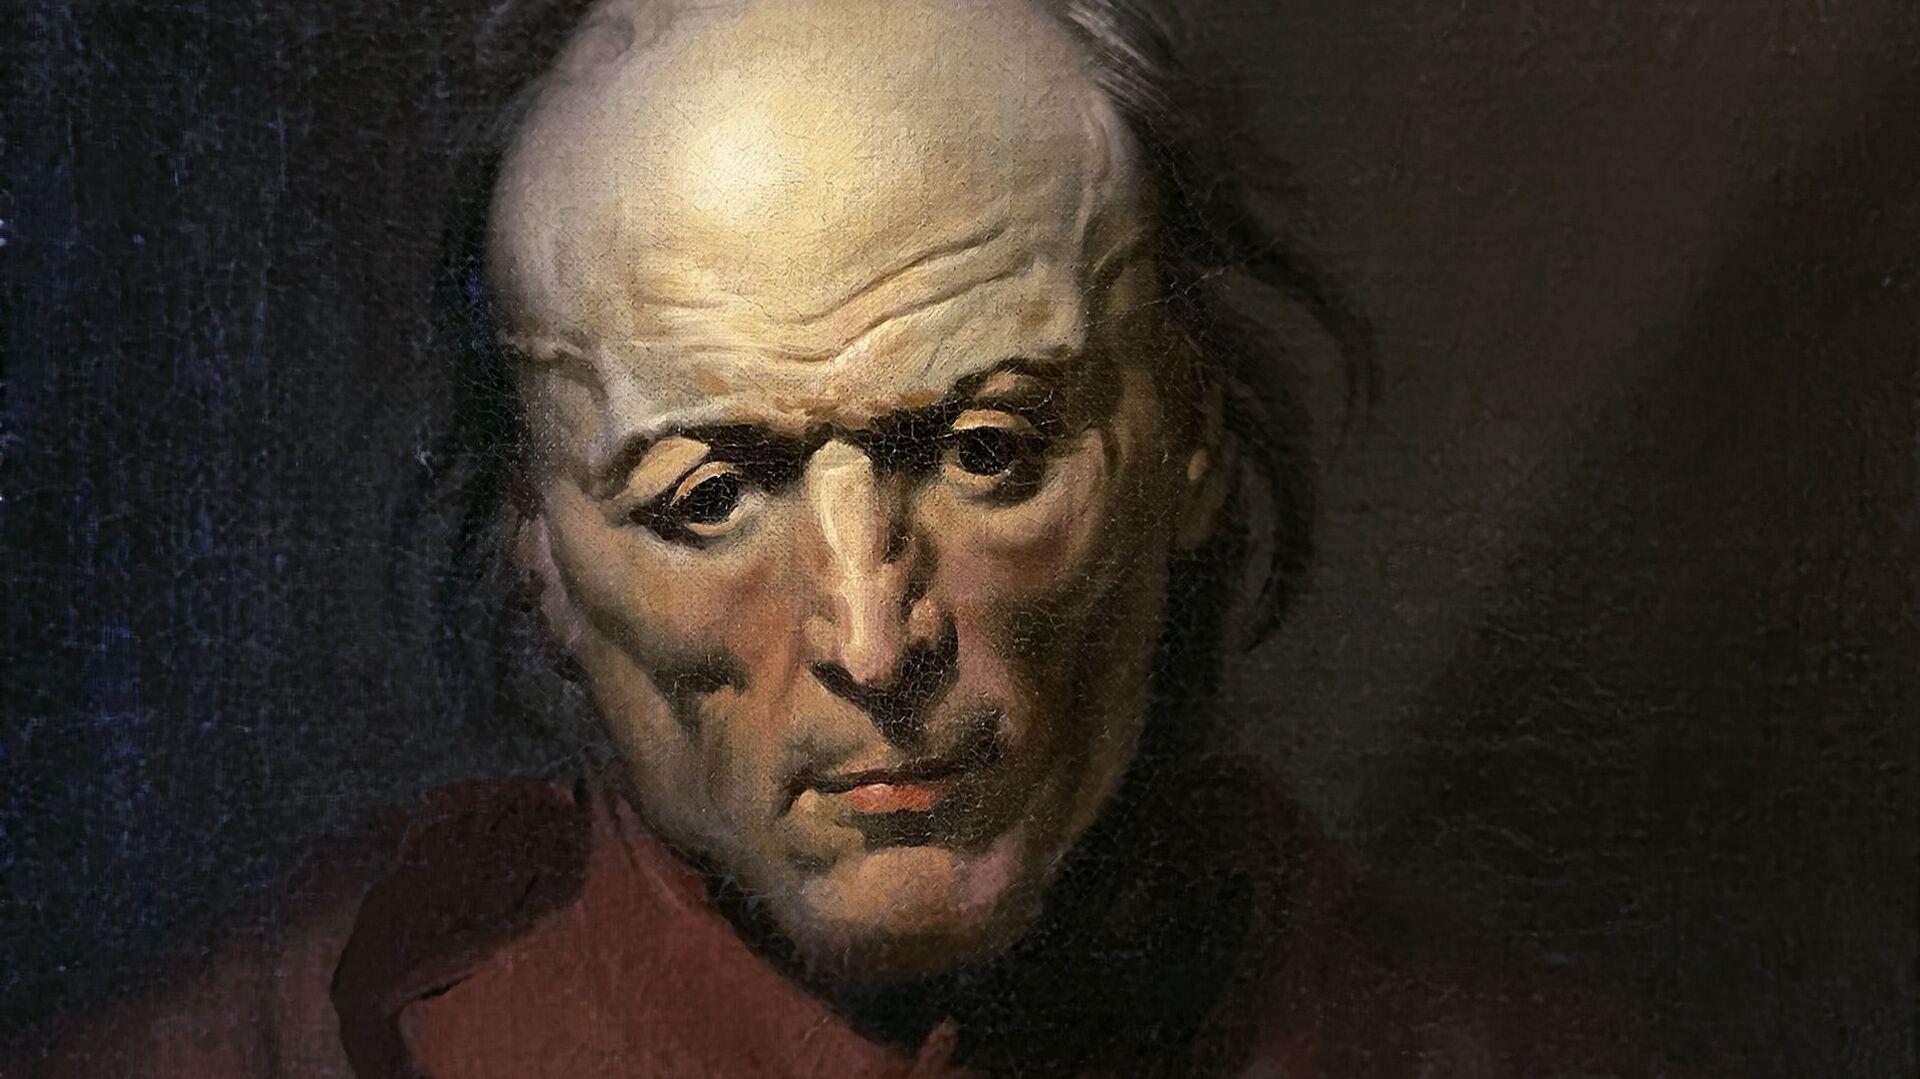 El cuadro de Géricault 'El hombre melancólico' ha sido encontrado por un español dos siglos después de que se pintara - Sputnik Mundo, 1920, 27.01.2021